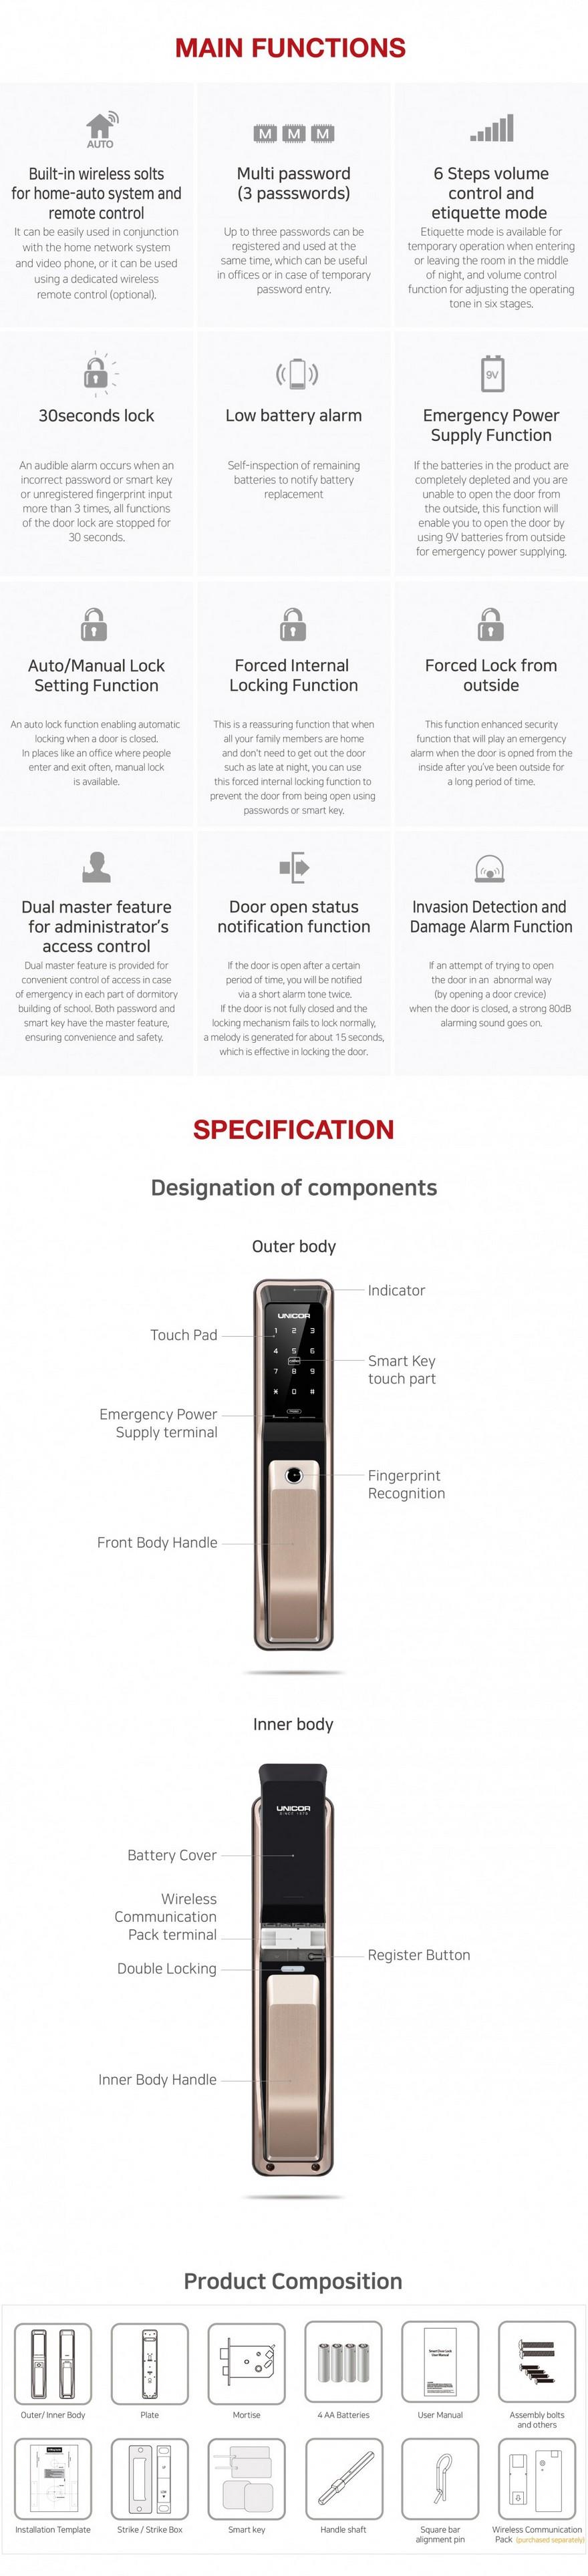 Khoa cua van tay Unicor PM8000BSK-mota1